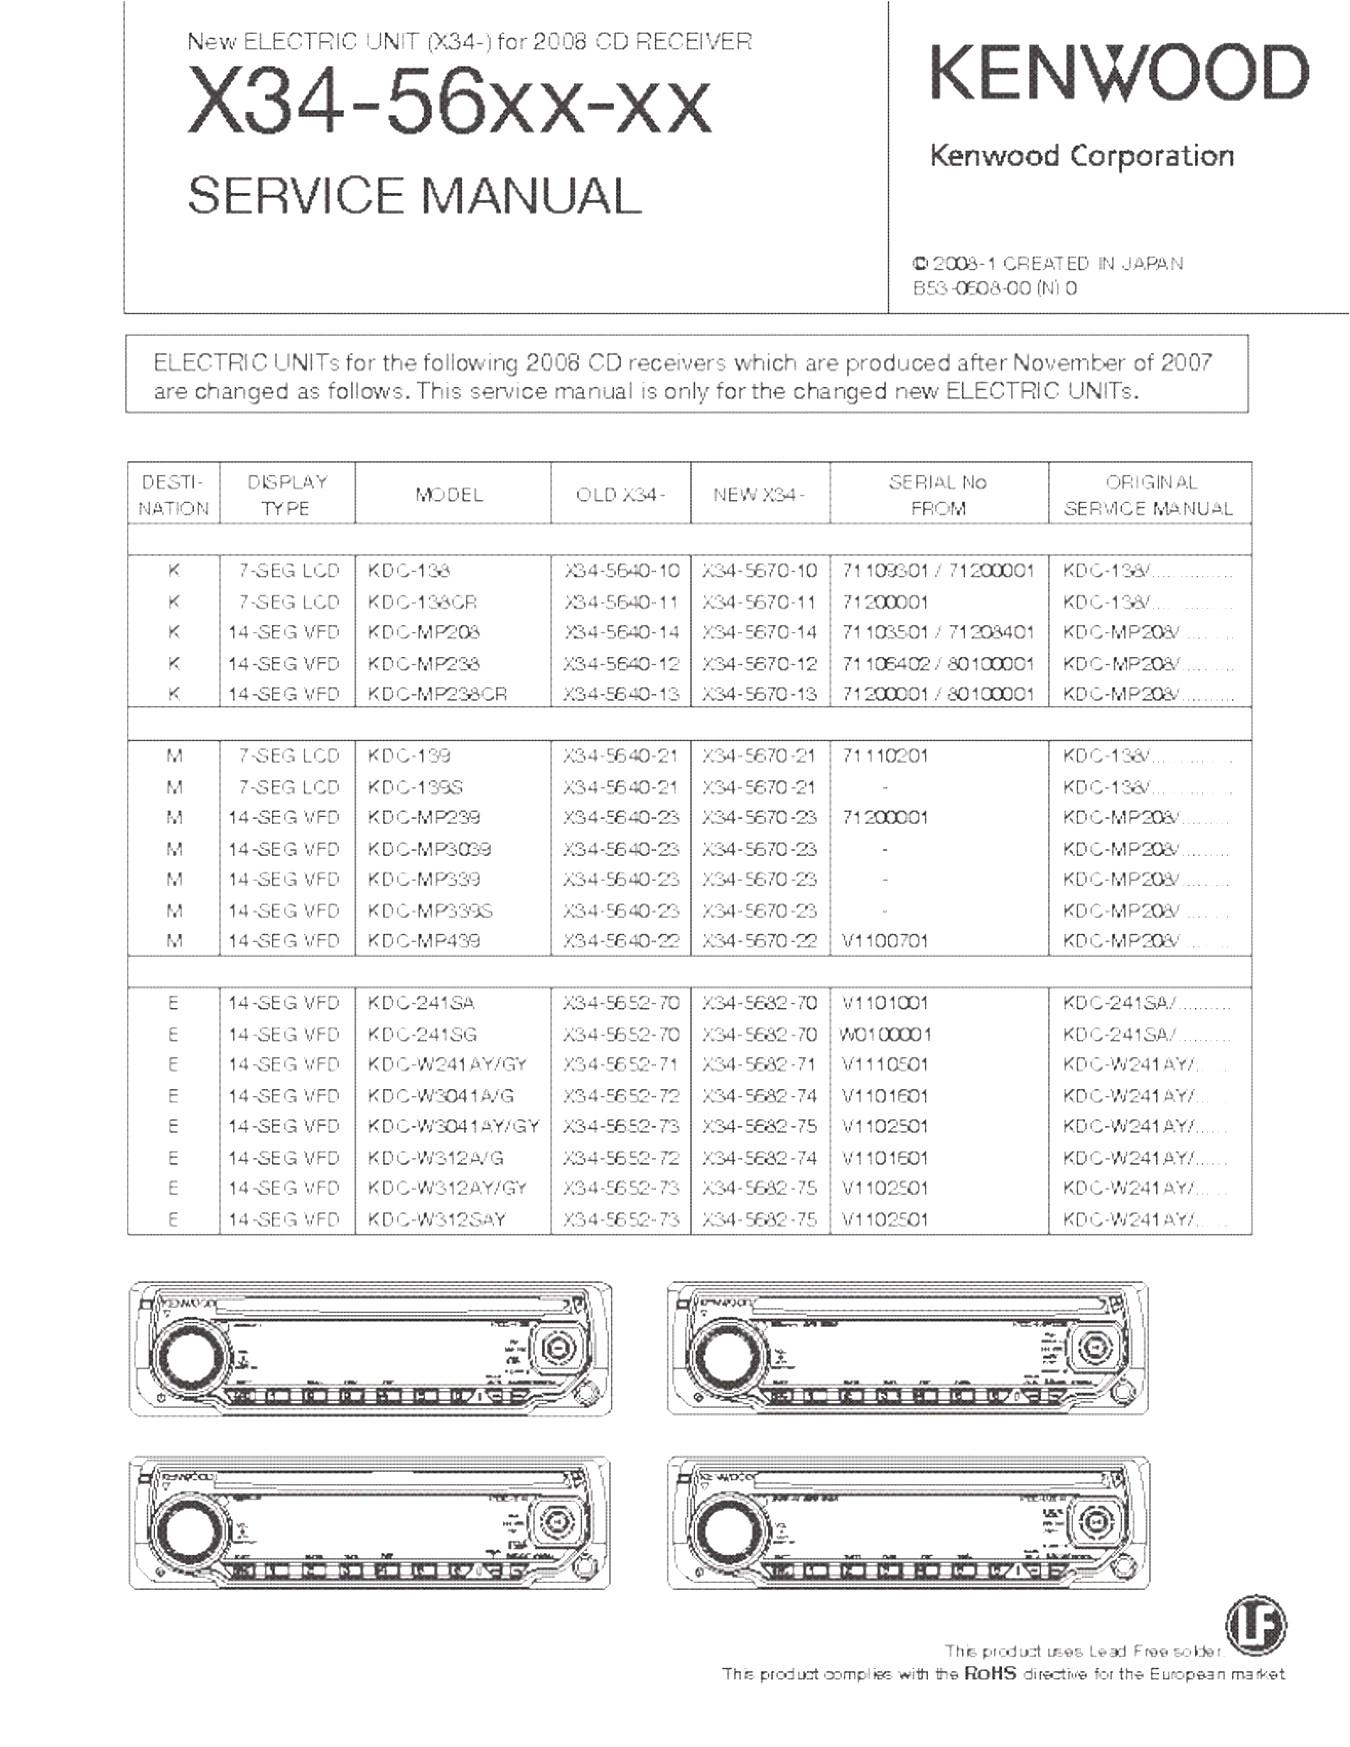 wiring diagram kenwood kdc 142 wiring diagram centrefor a kenwood kdc mp142 wiring diagram 8